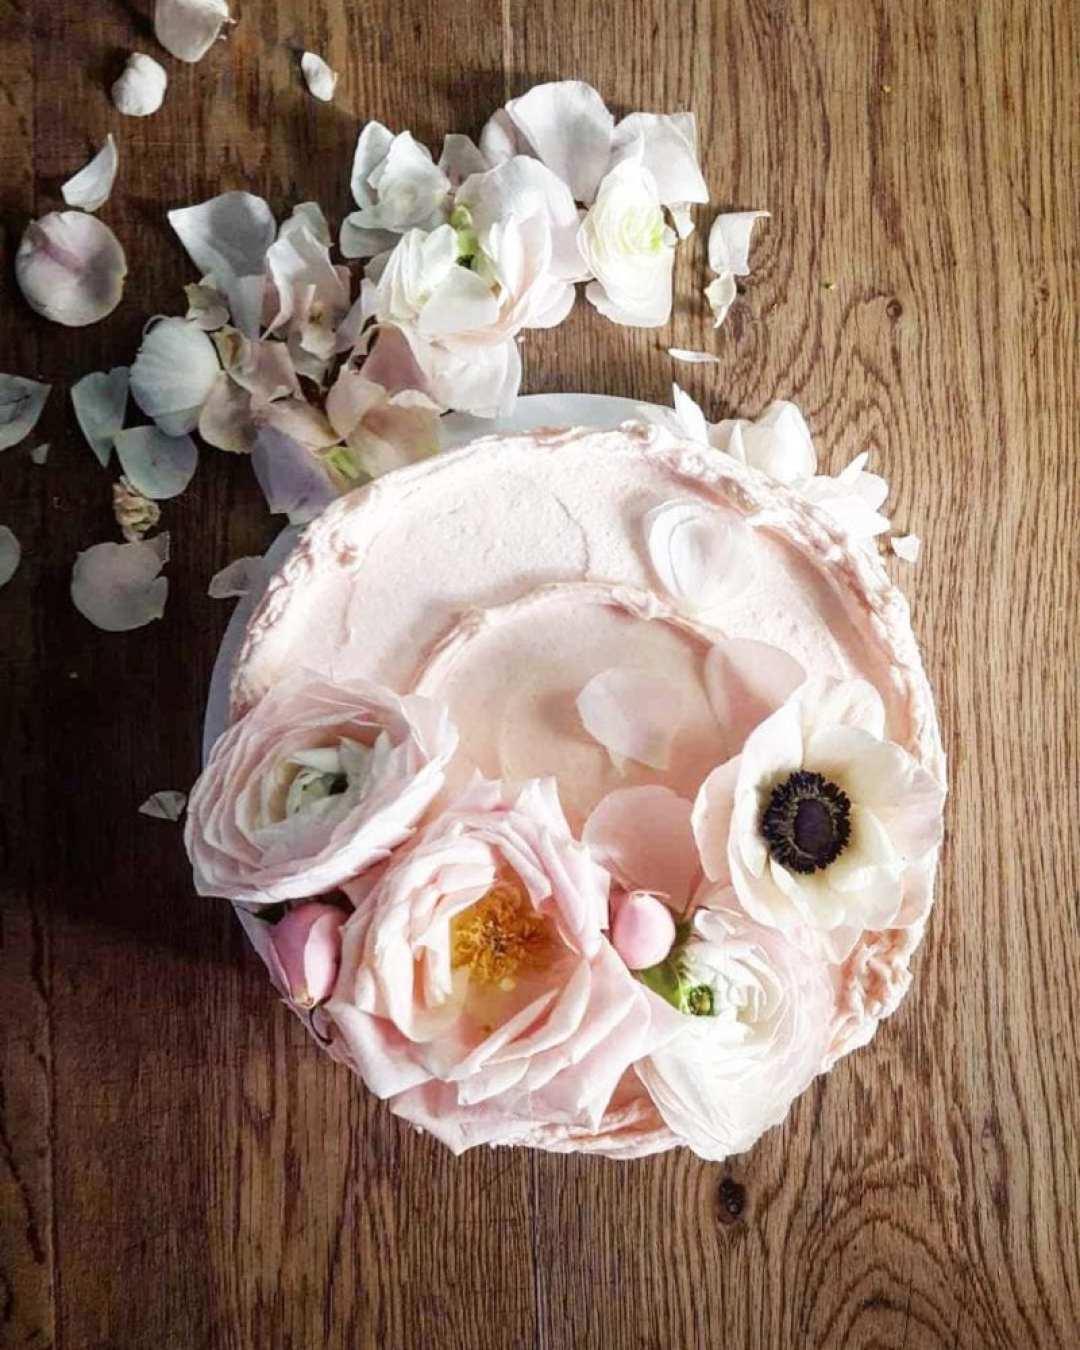 Claire Ptak Le choix surprenant de Harry et Meghan pour leur gâteau de mariage